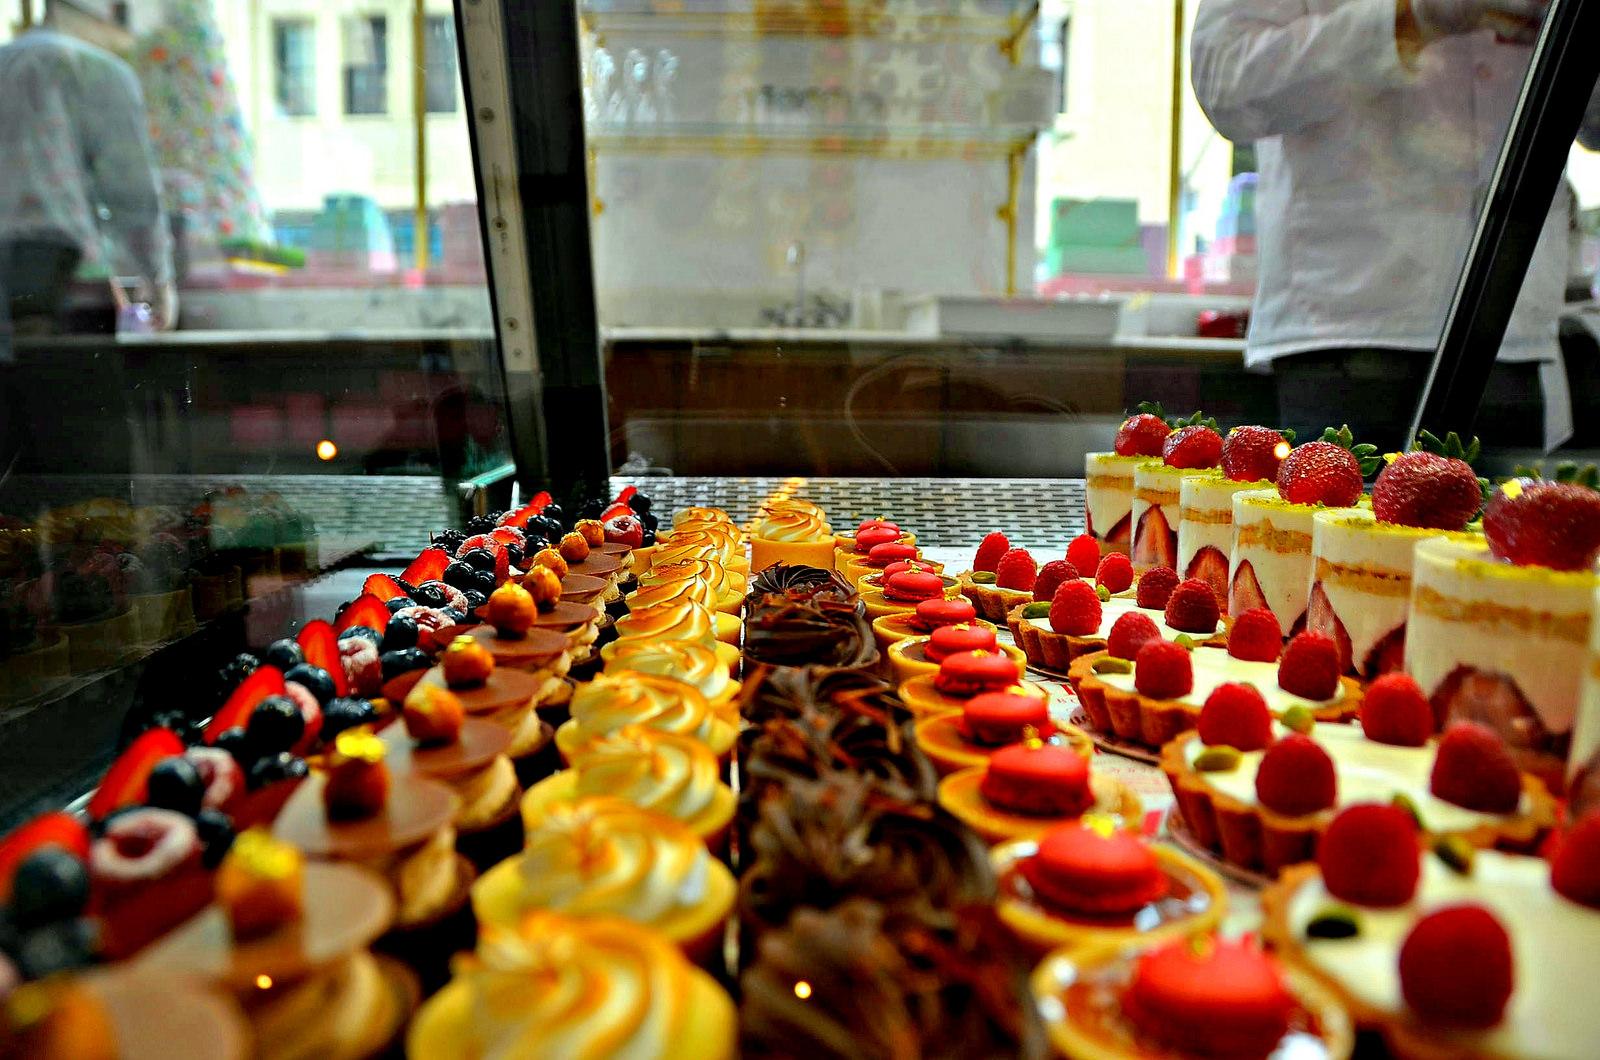 Bottega Louie dessert case